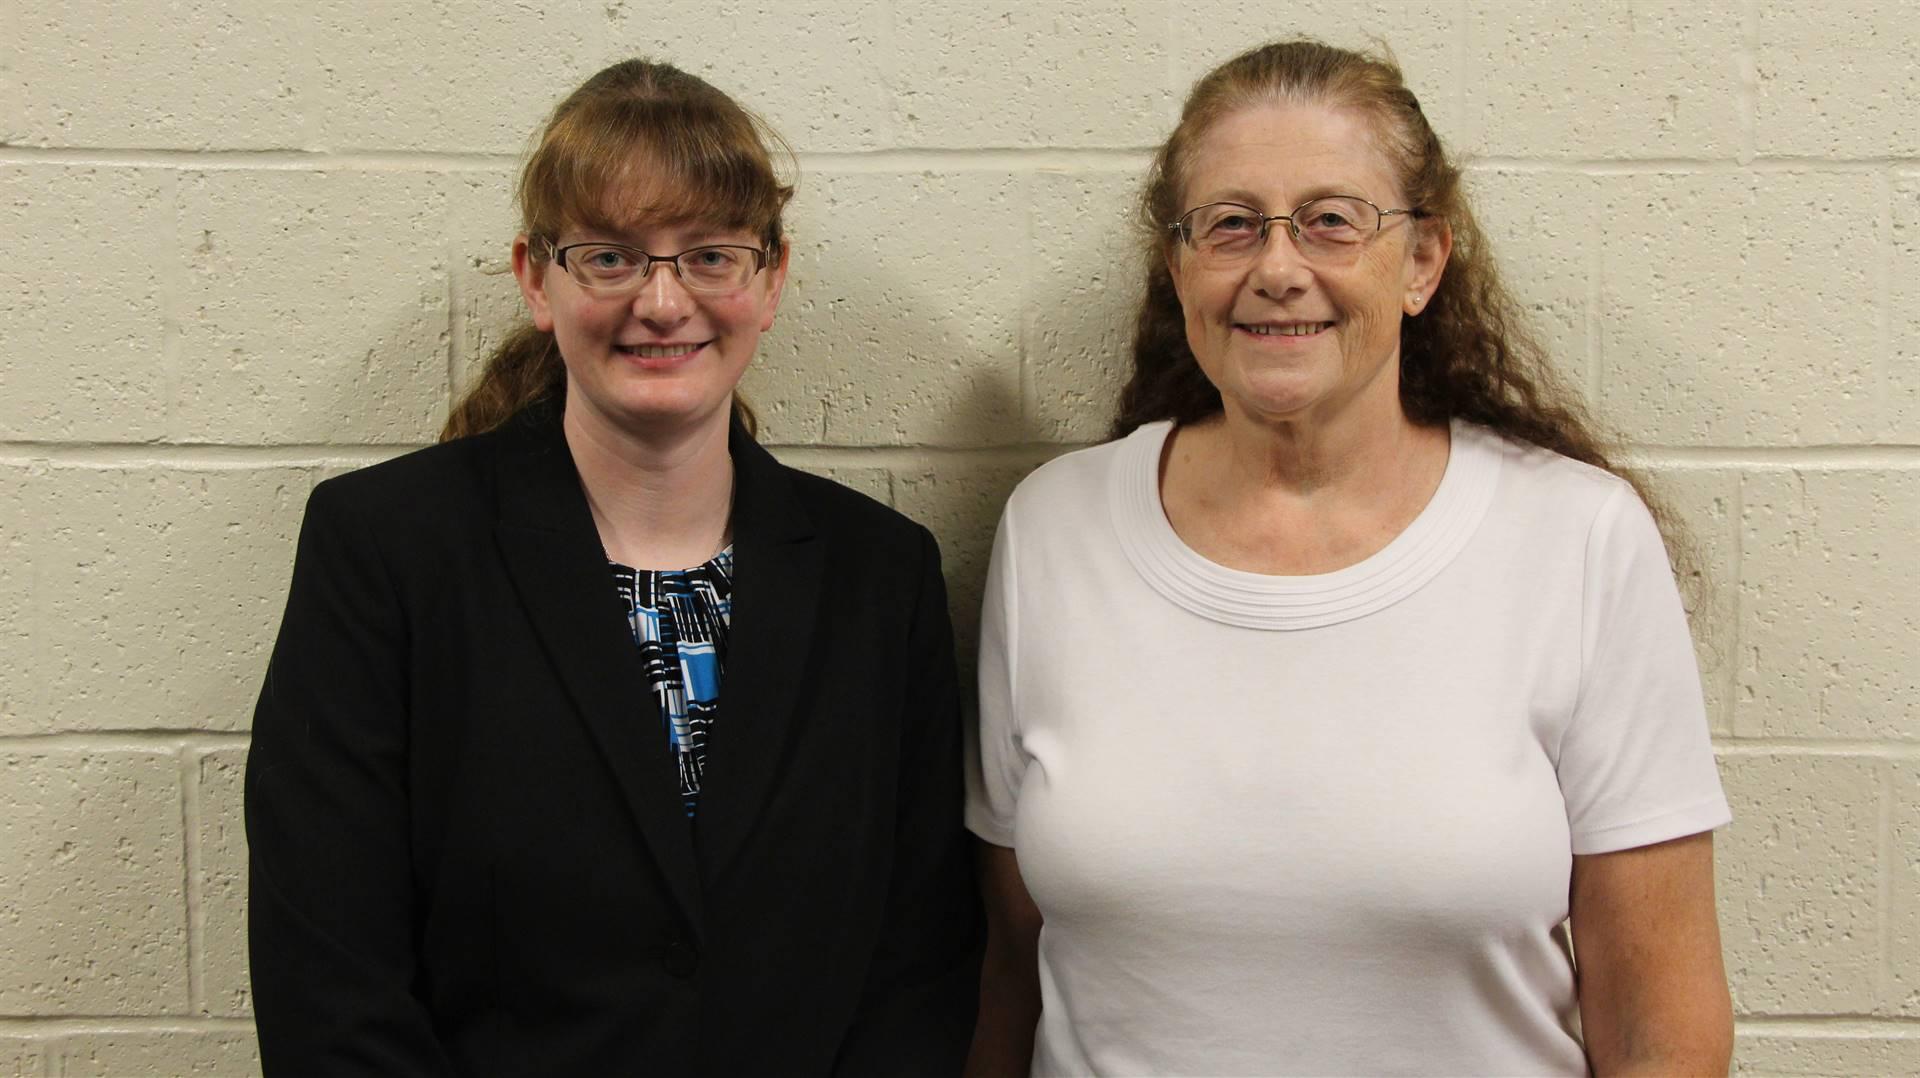 Erin G. Van Vleck standing next to a woman